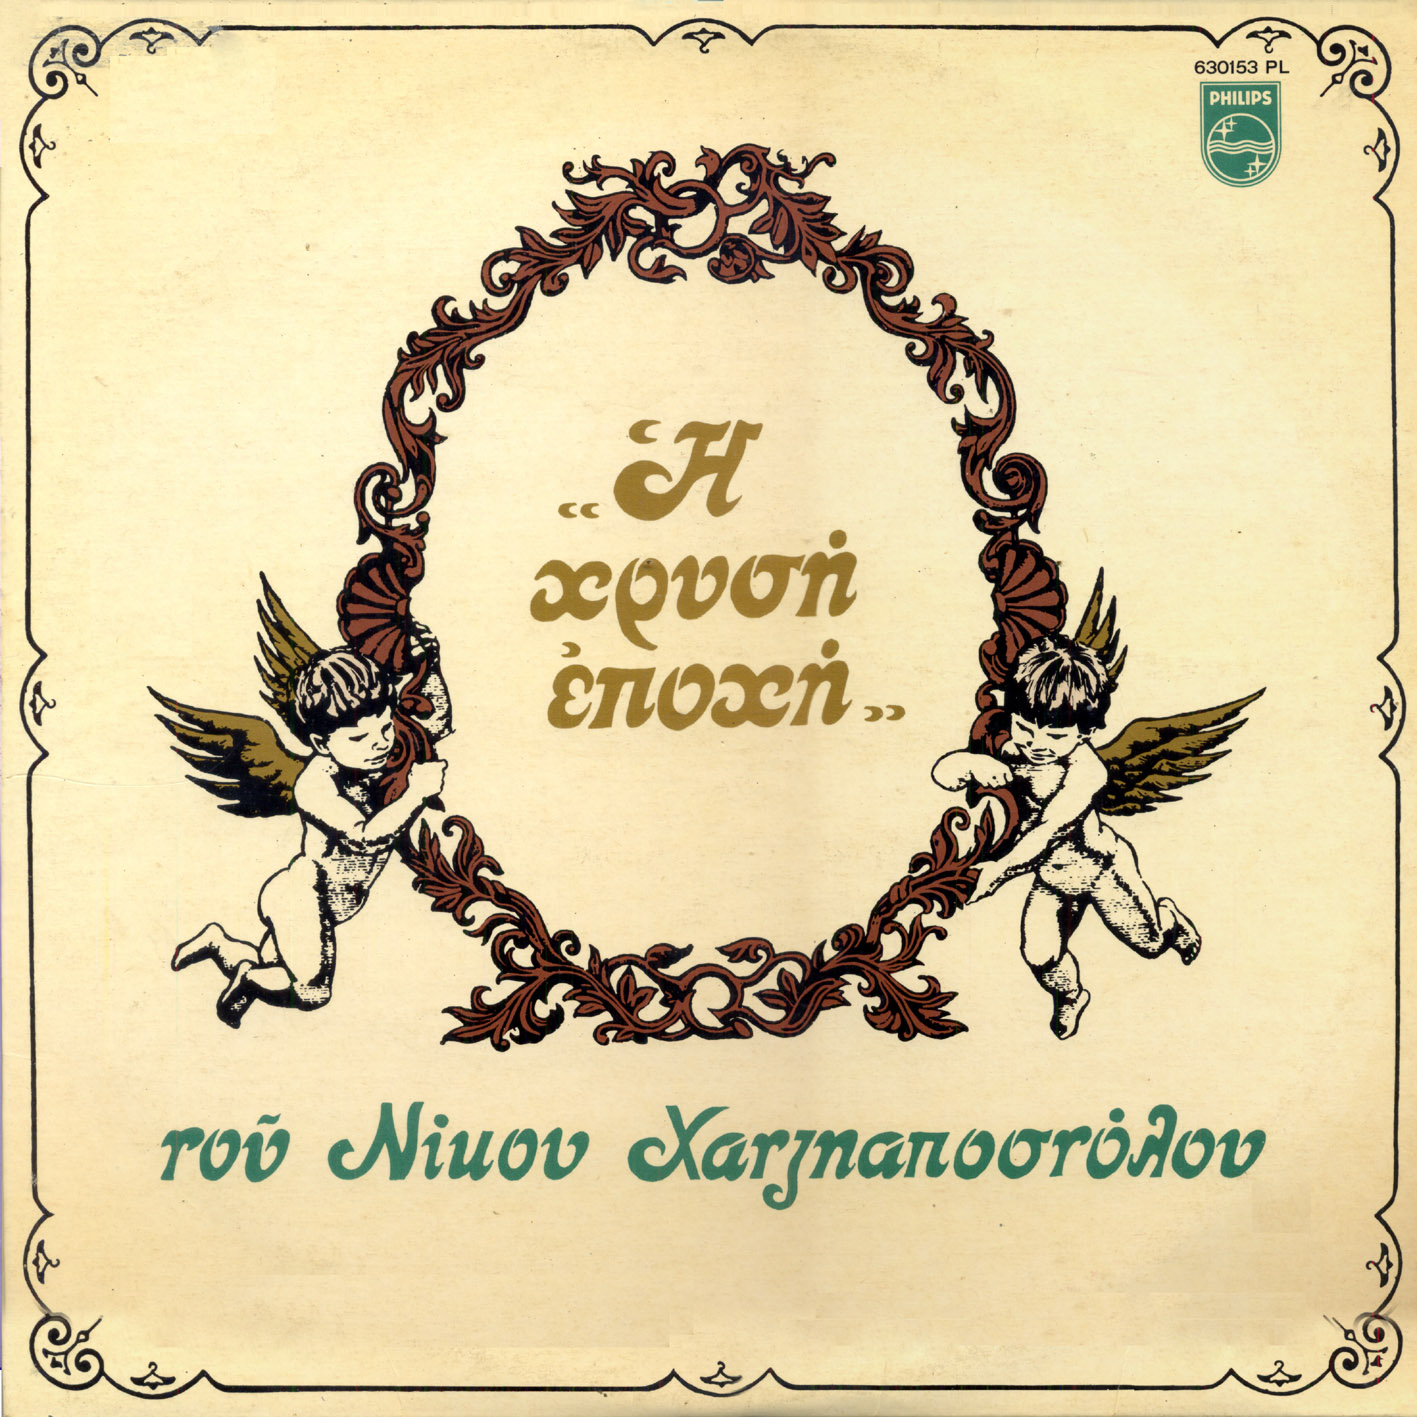 2c45e19914 Νίκος Χατζηαποστόλου  Η Χρυσή Εποχή (1969). Συνεχίζοντας ...